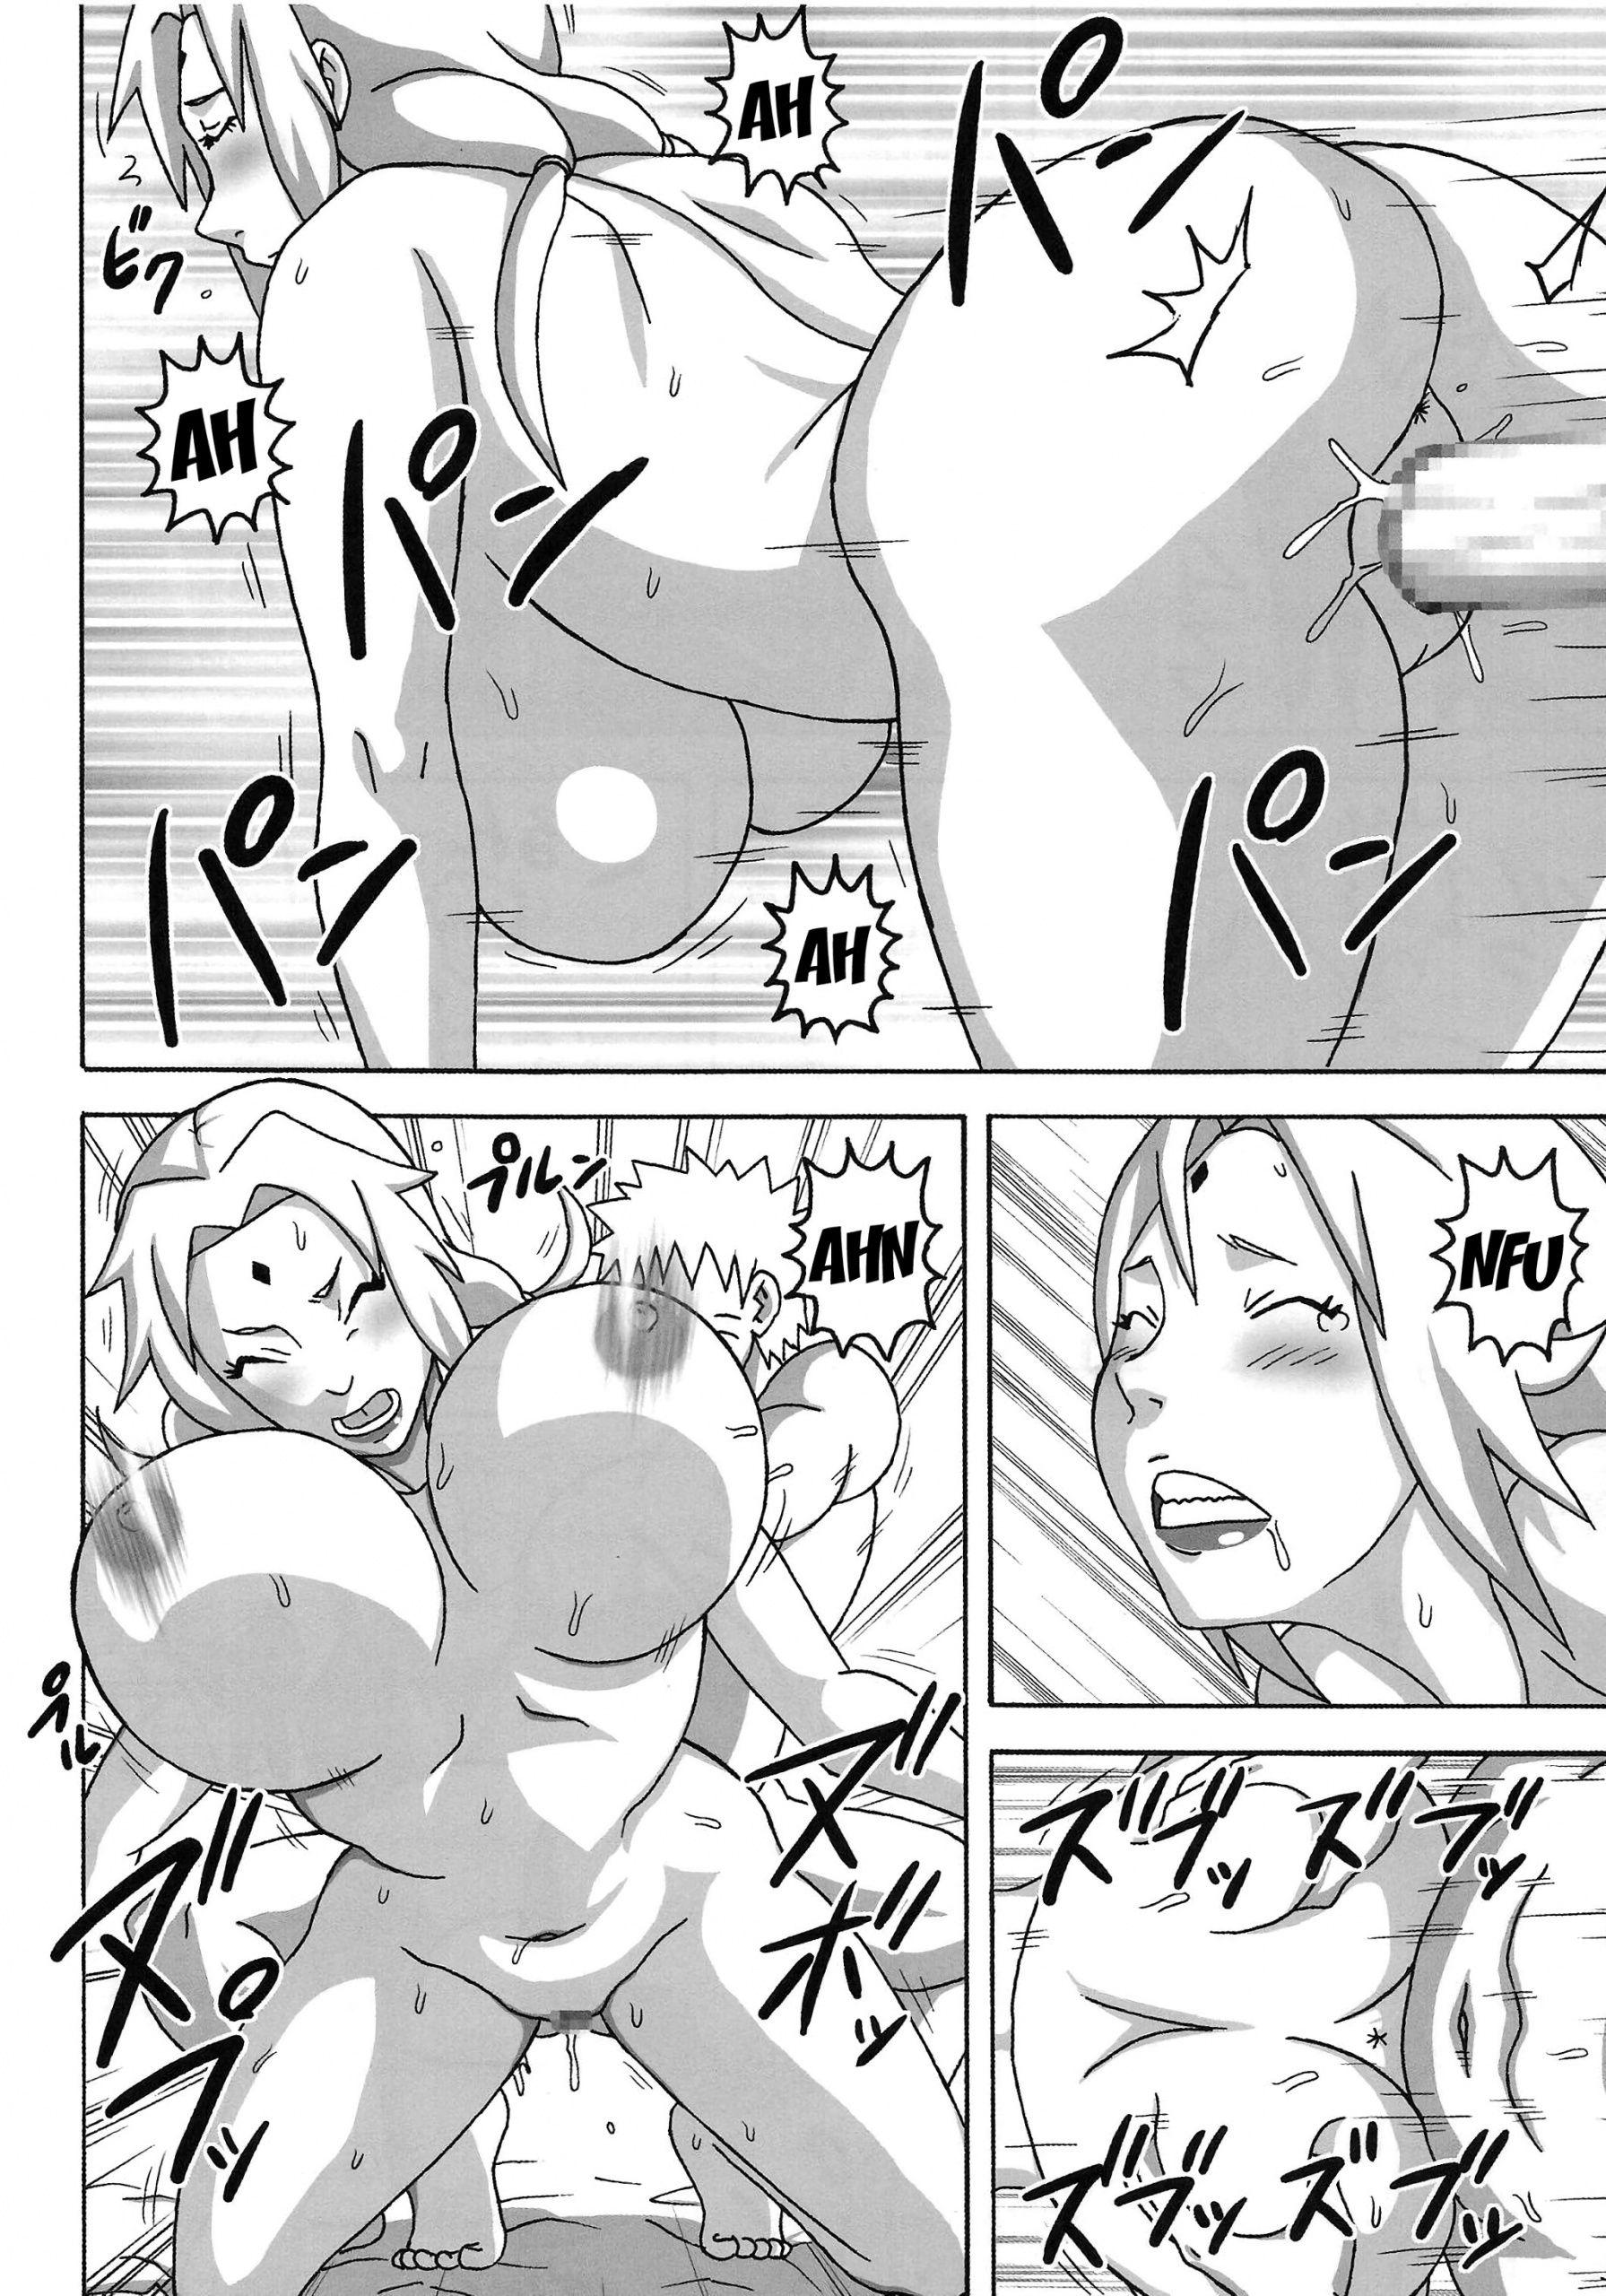 G3 hentai manga picture 13